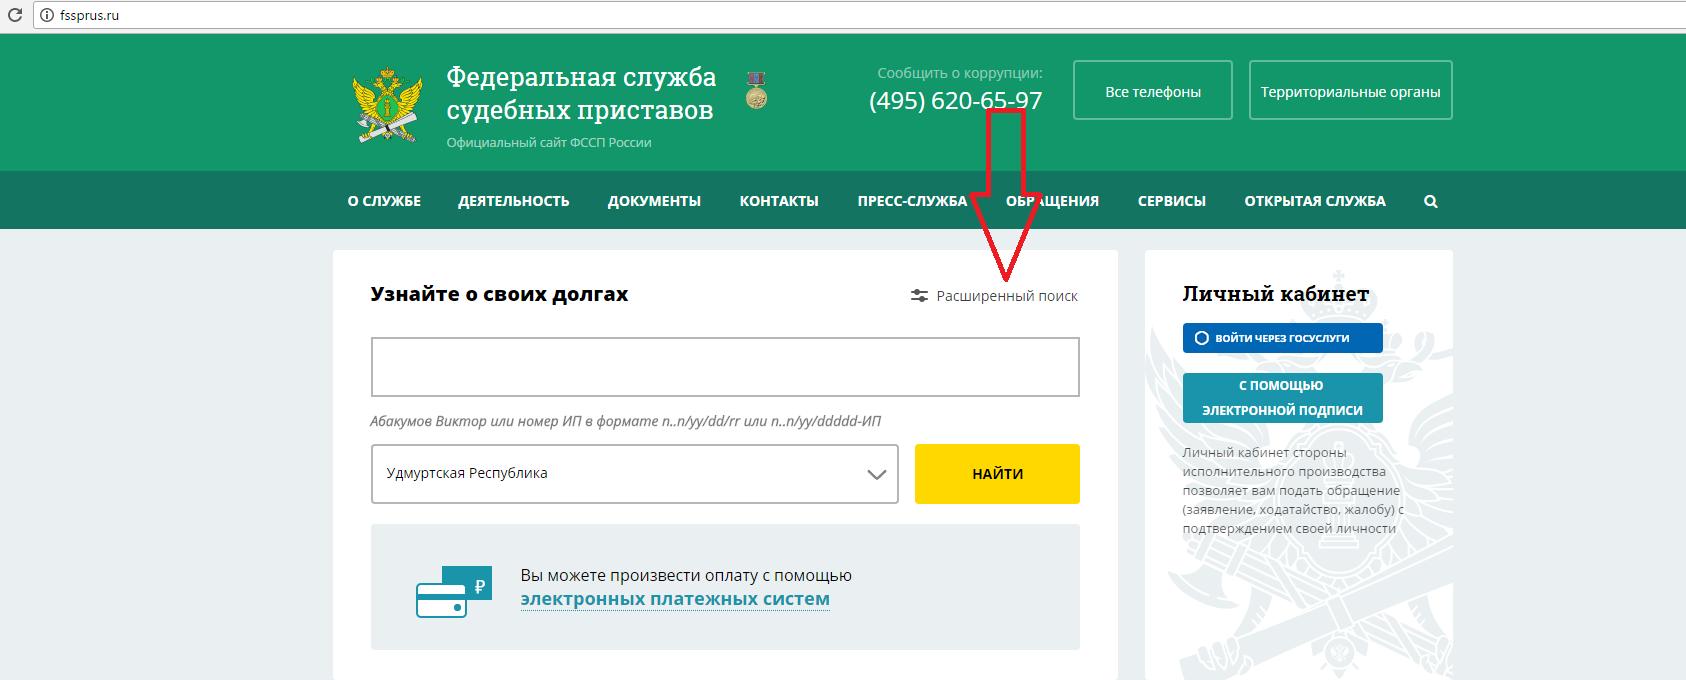 проверить долги на сайте судебных приставов г петрозаводска Внуково аэропорт